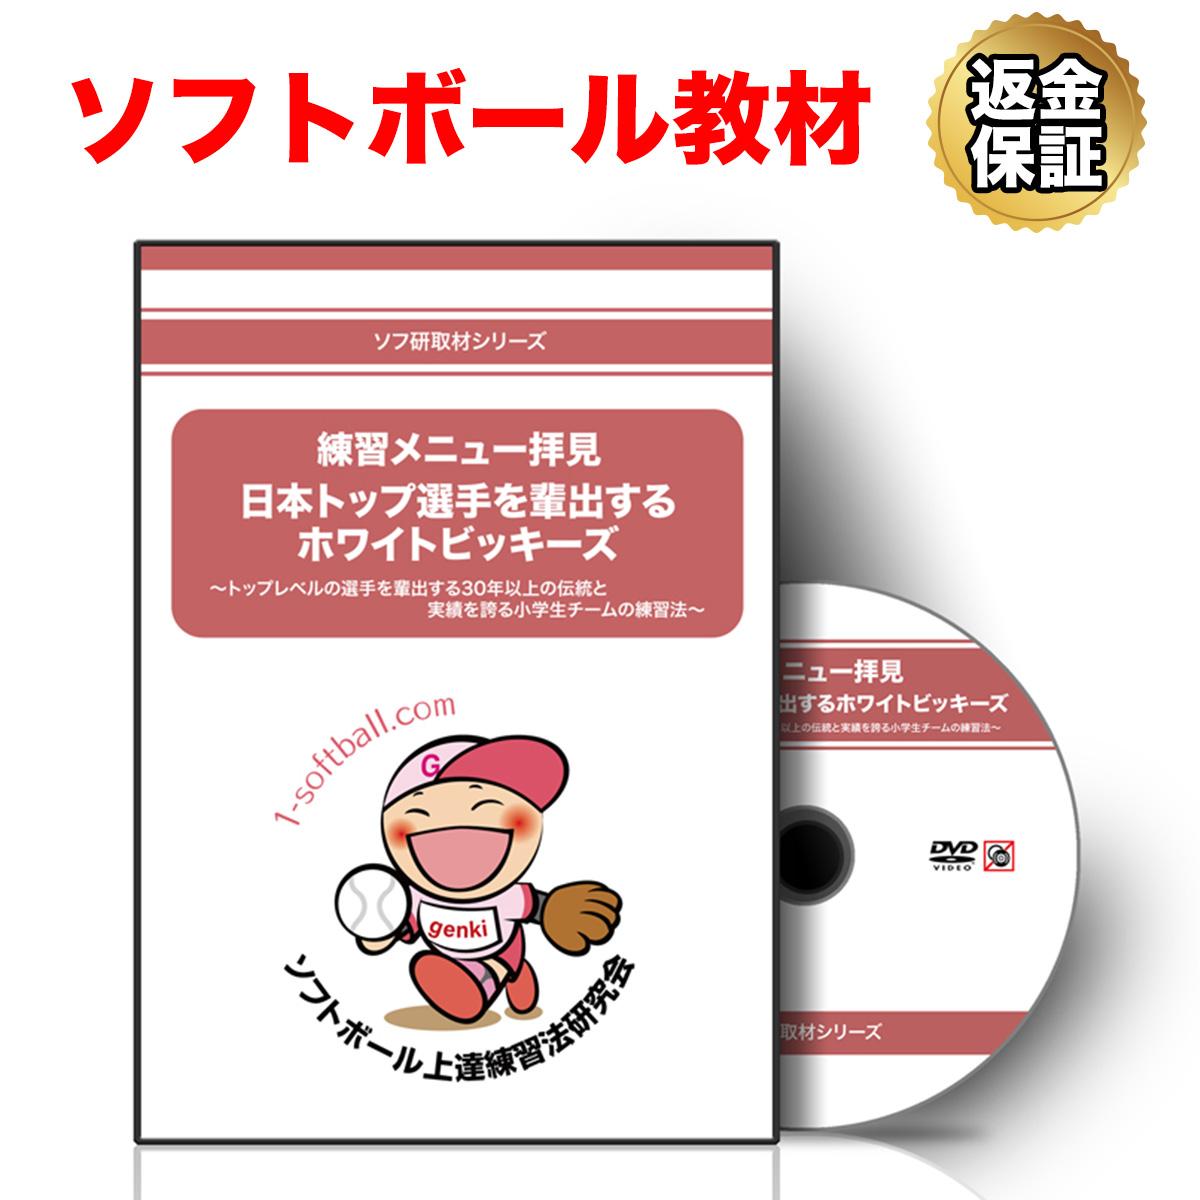 送料無料/新品 ソフトボール 教材 DVD トラスト 日本トップ選手を輩出するホワイトビッキーズ~トップレベルの選手を輩出する30年以上の伝統と実績を誇る小学生チームの練習法~